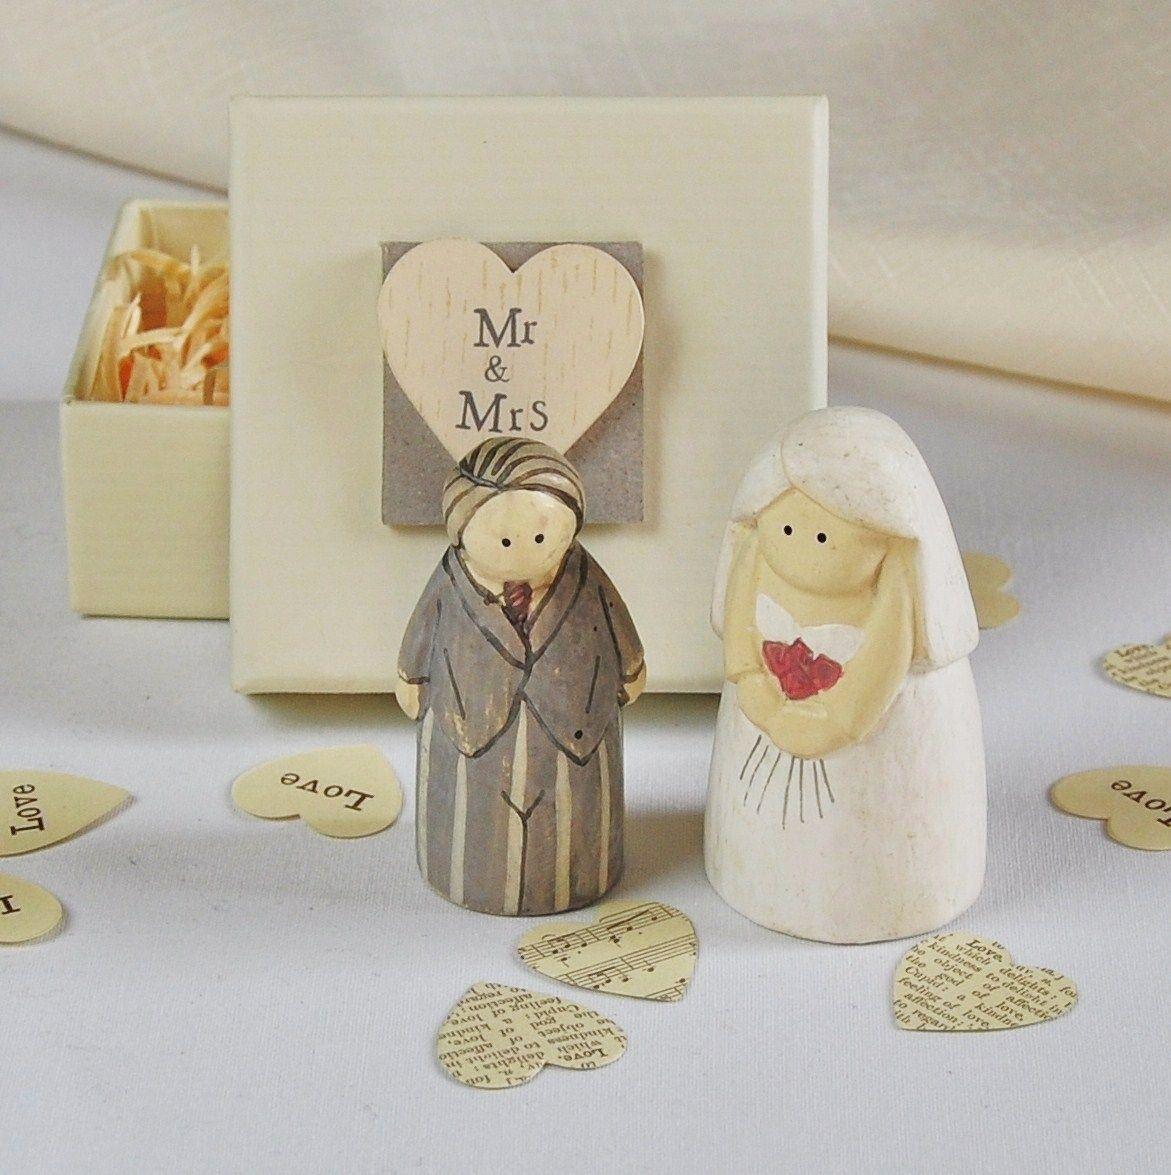 Una bonita pareja de novios perfecta para decorar el pastel o como detalle de bodas las - Detalles para una boda perfecta ...